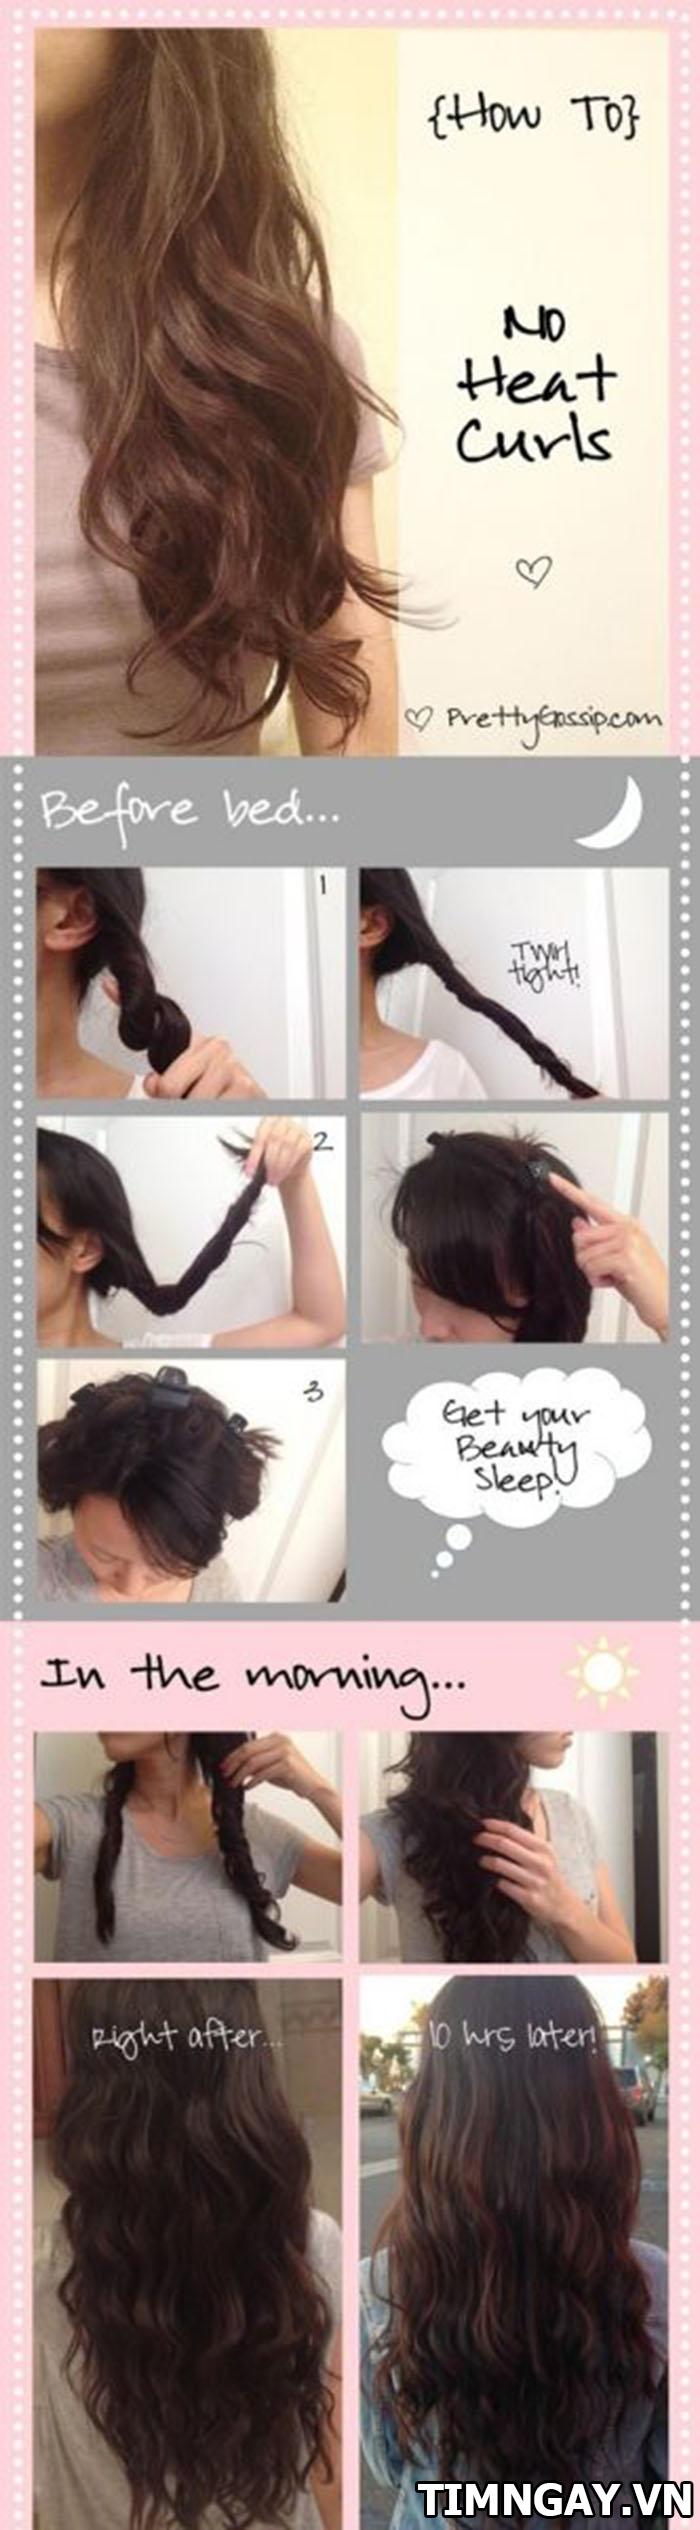 3 cách làm tóc xoăn đuôi tại nhà đẹp hoàn hảo cho bạn gái 3